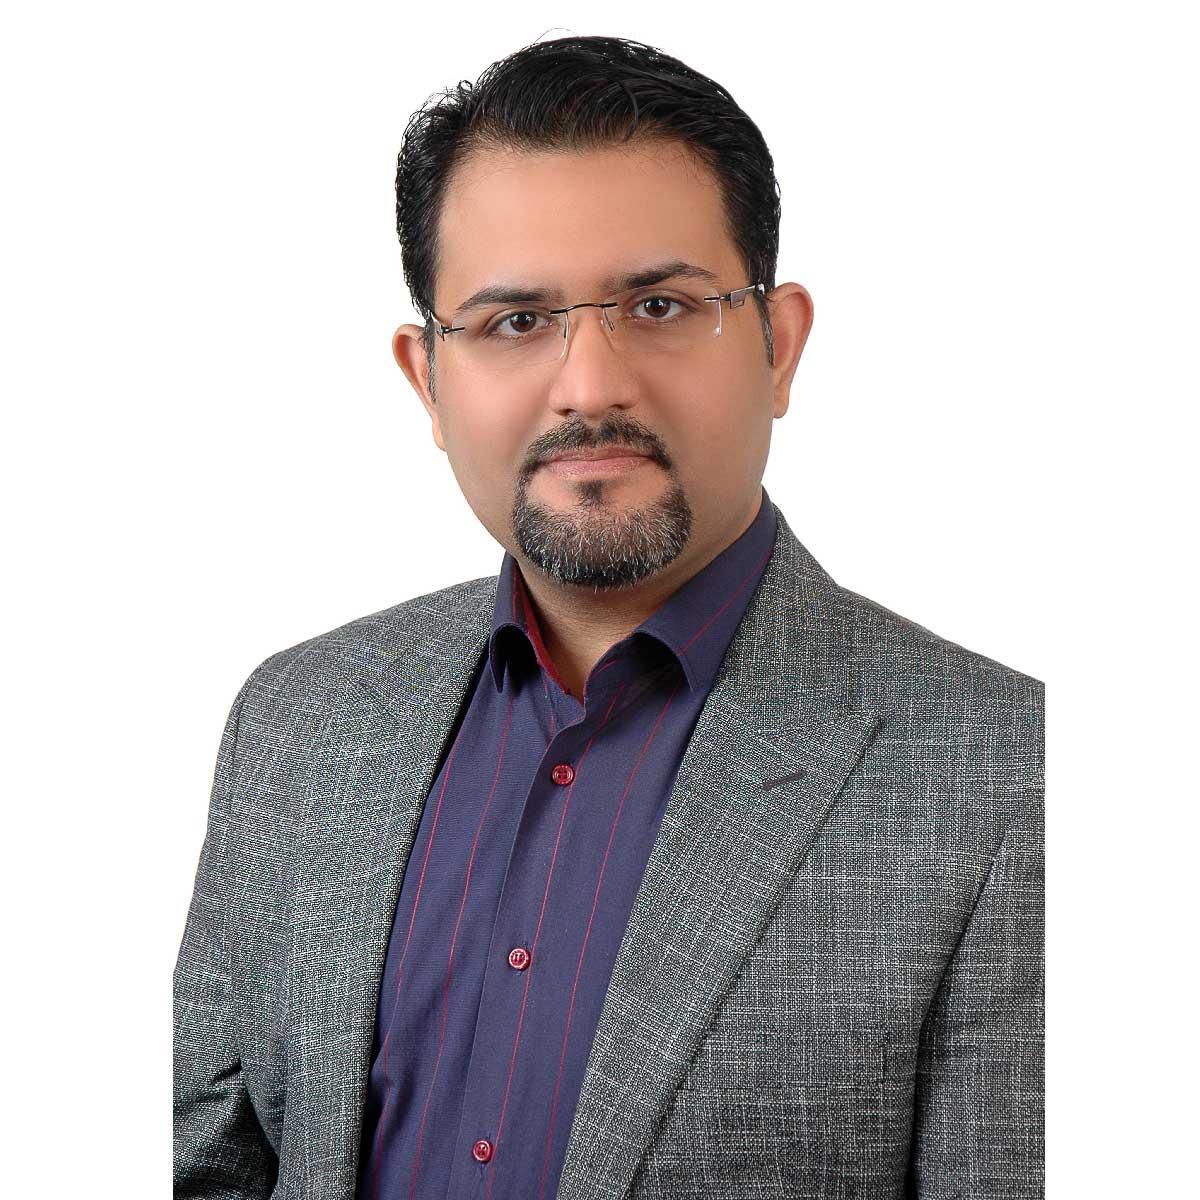 سید محمد علی دبیری